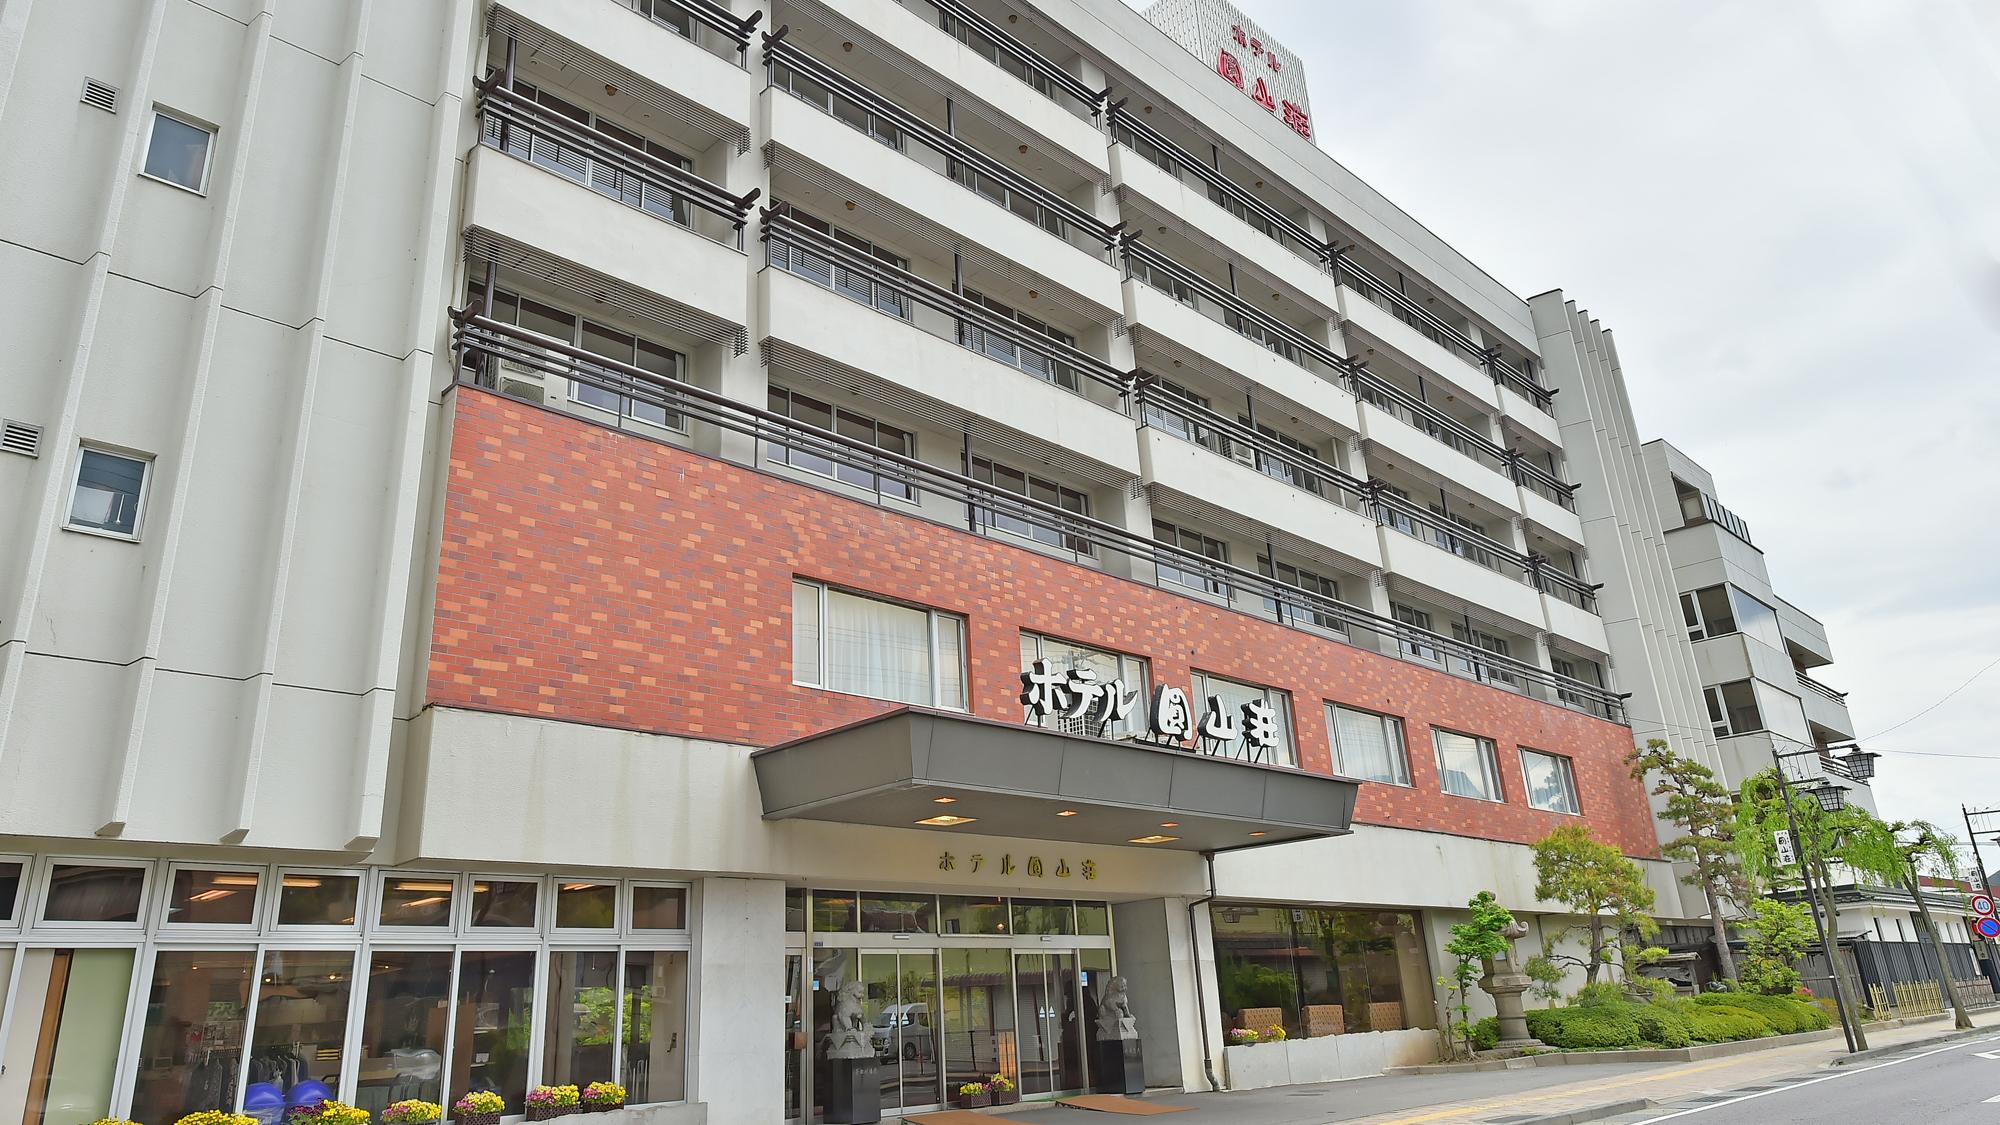 戸倉上山田温泉 ホテル圓山荘